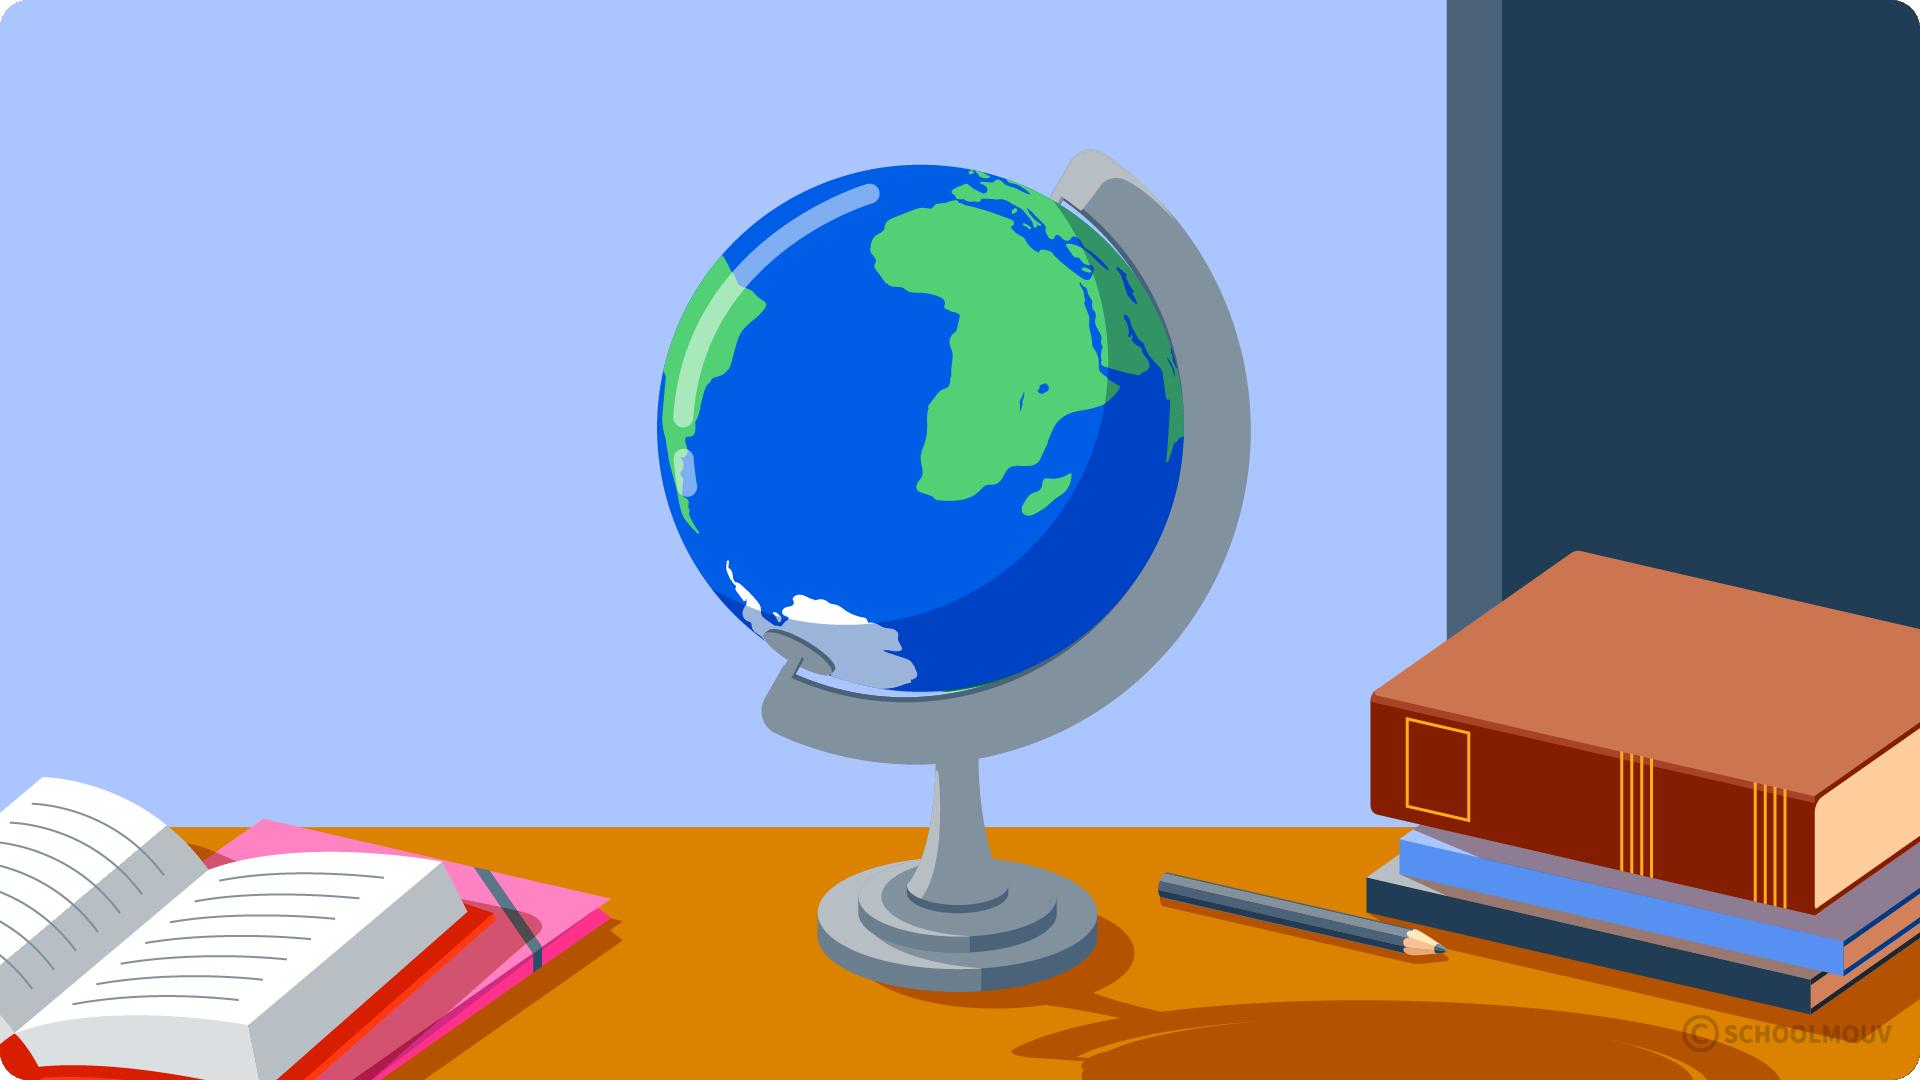 primaire questionner le monde cp les représentation de la Terre globe terrestre